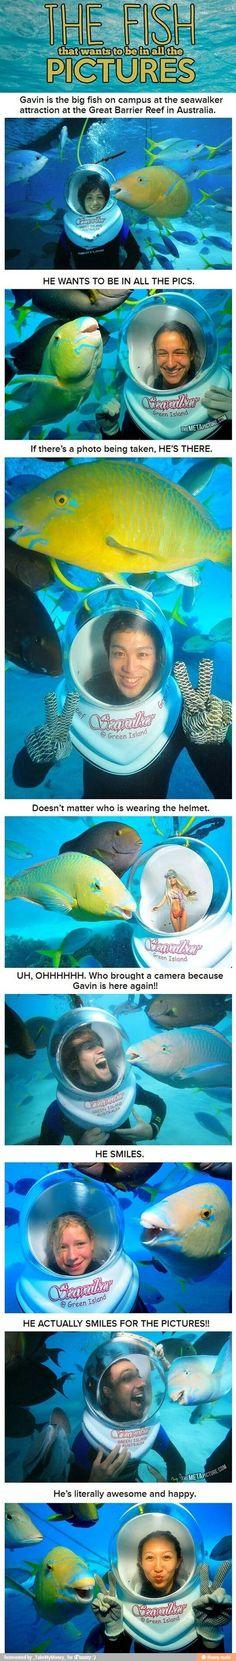 Gavin the Photobombing Fish!